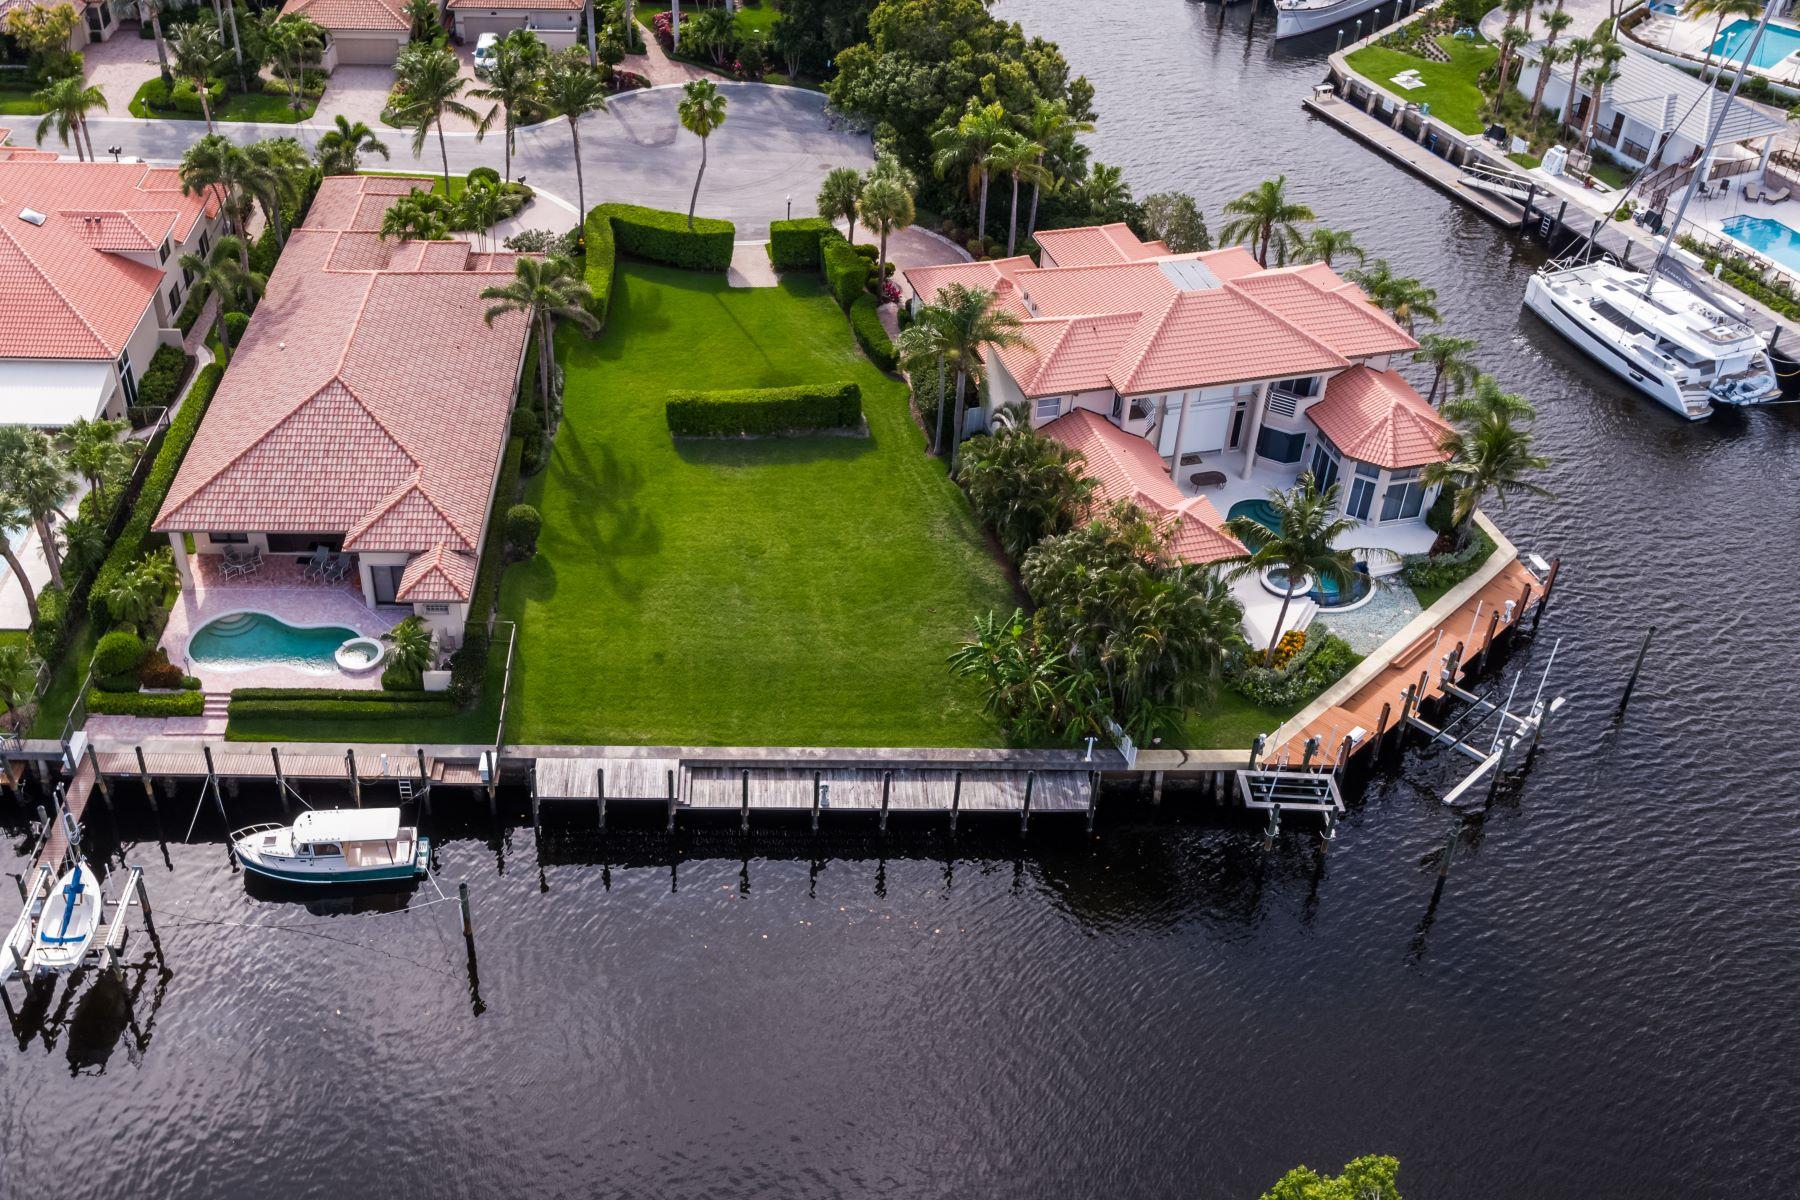 Land for Sale at 2075 La Porte Drive 2075 La Porte Drive Palm Beach Gardens, Florida 33410 United States